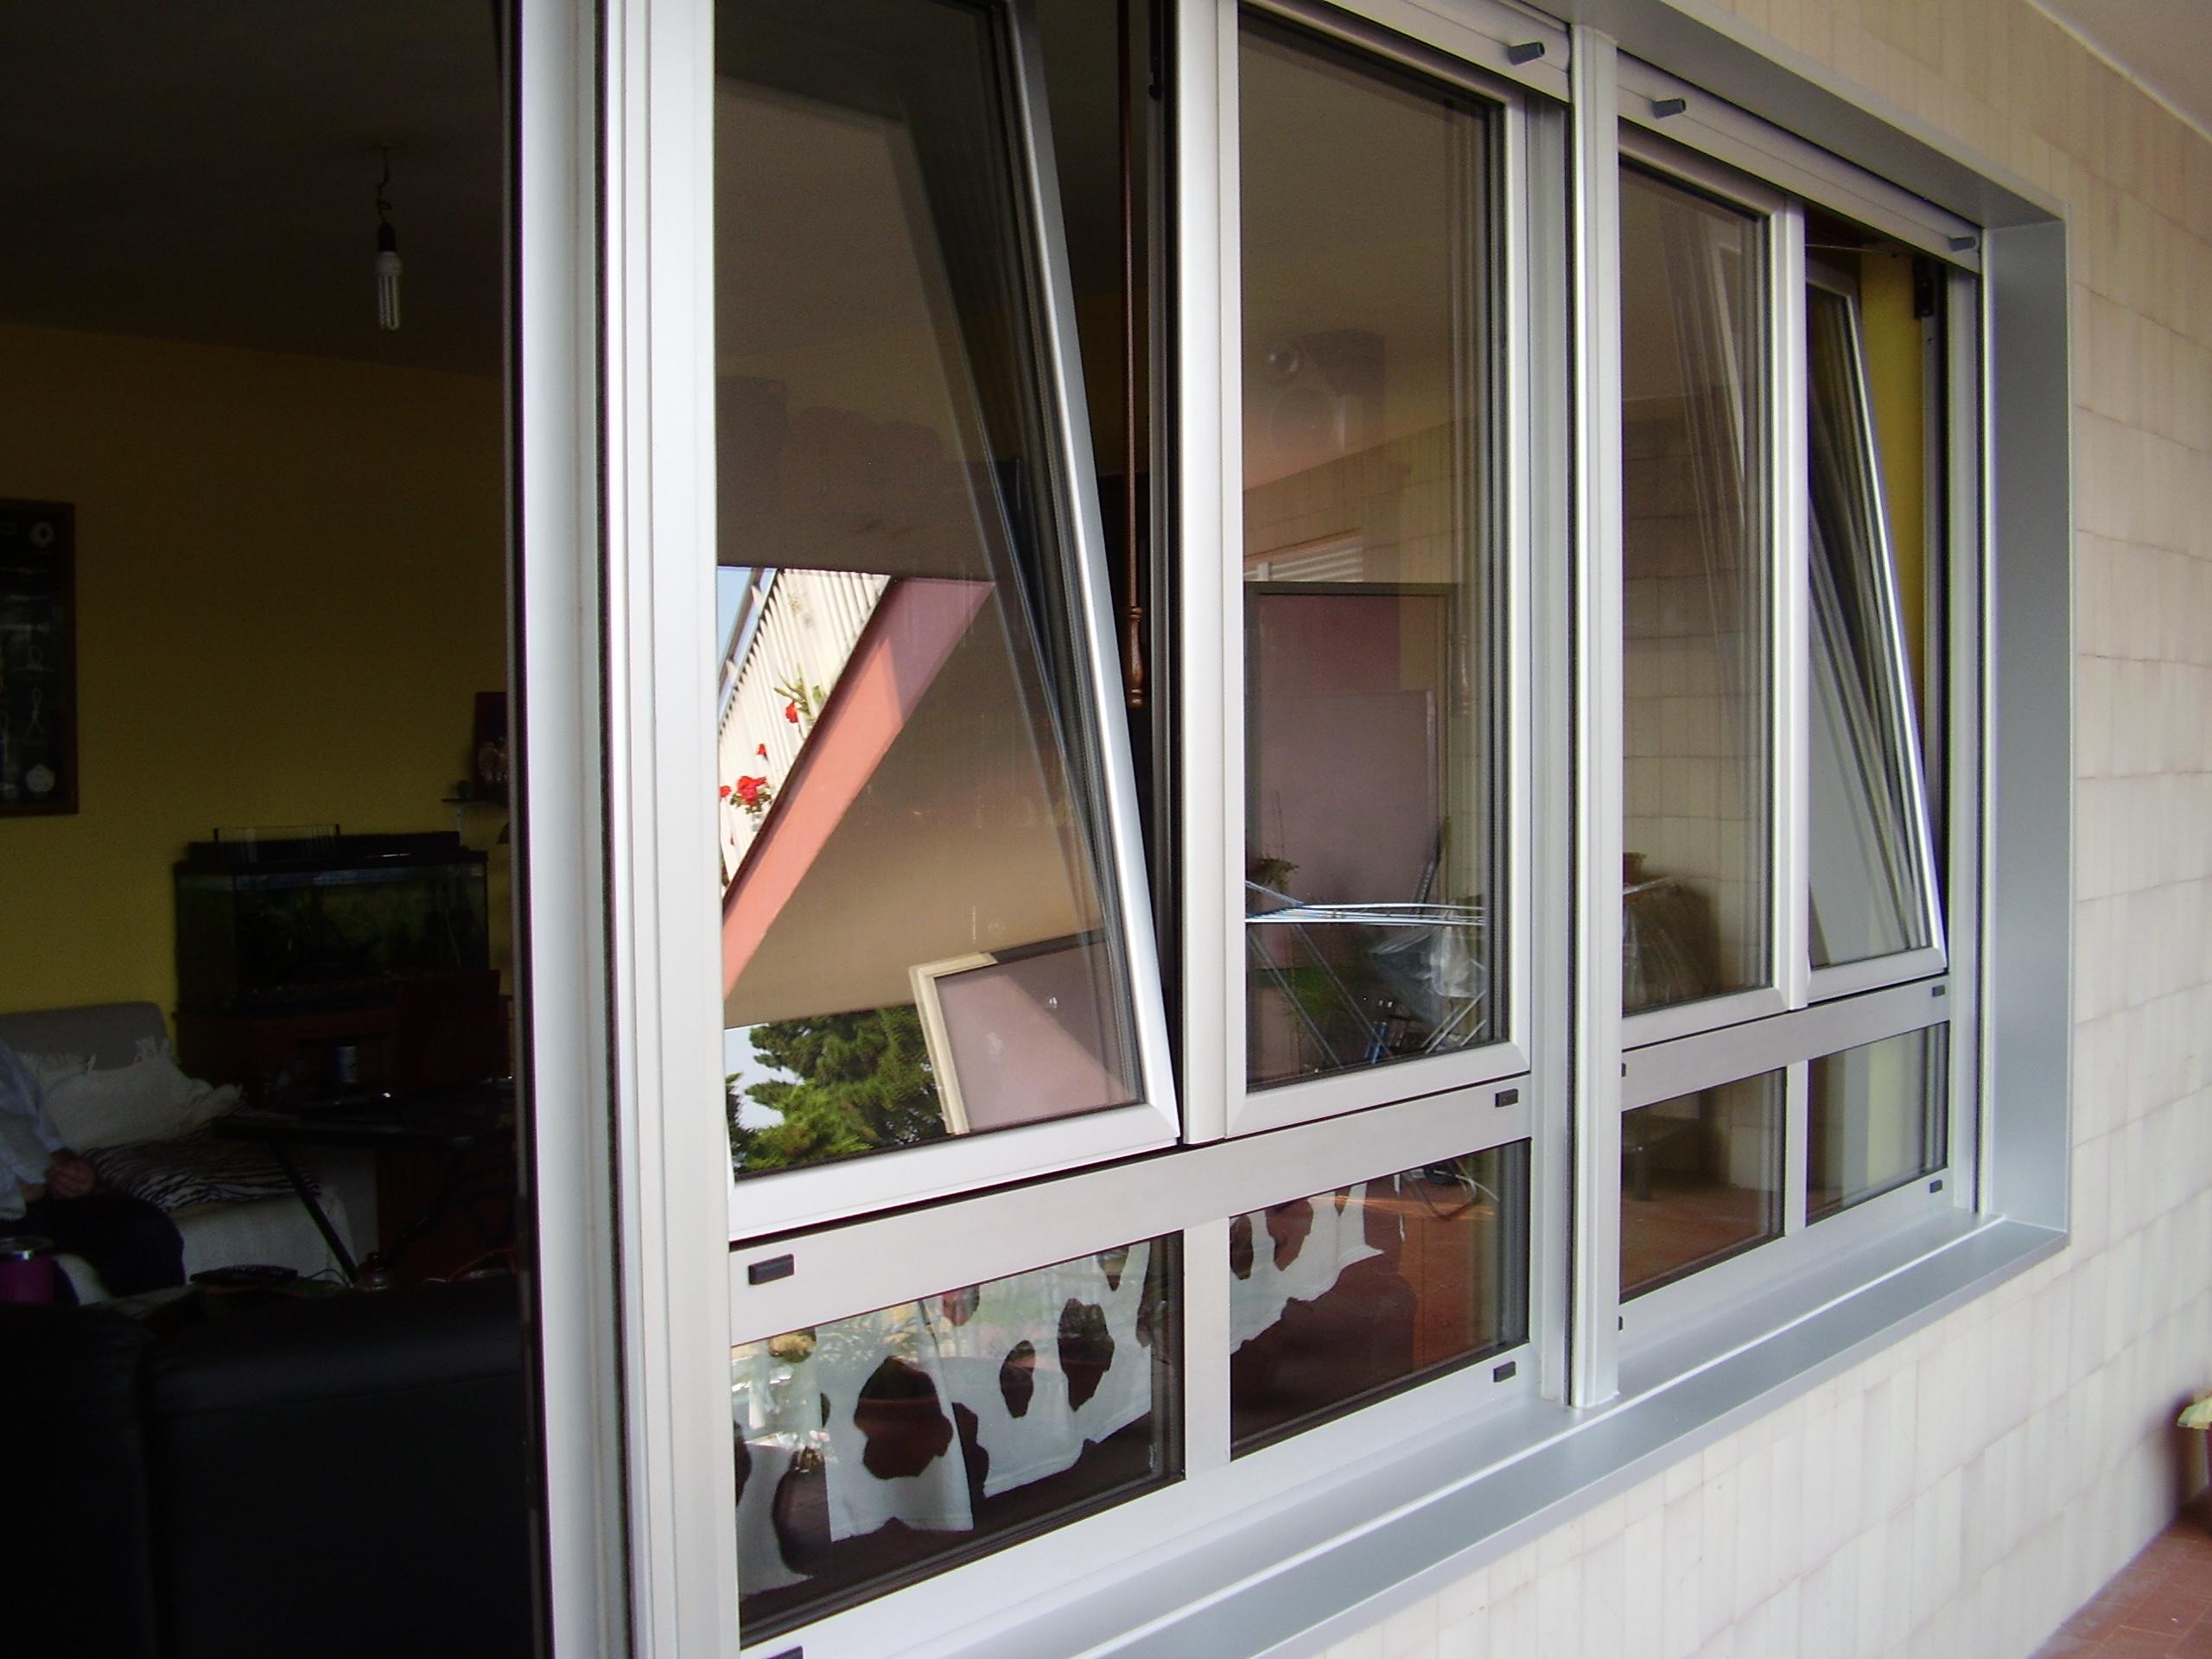 Cerramiento ventanas practicables oscilo-batiente